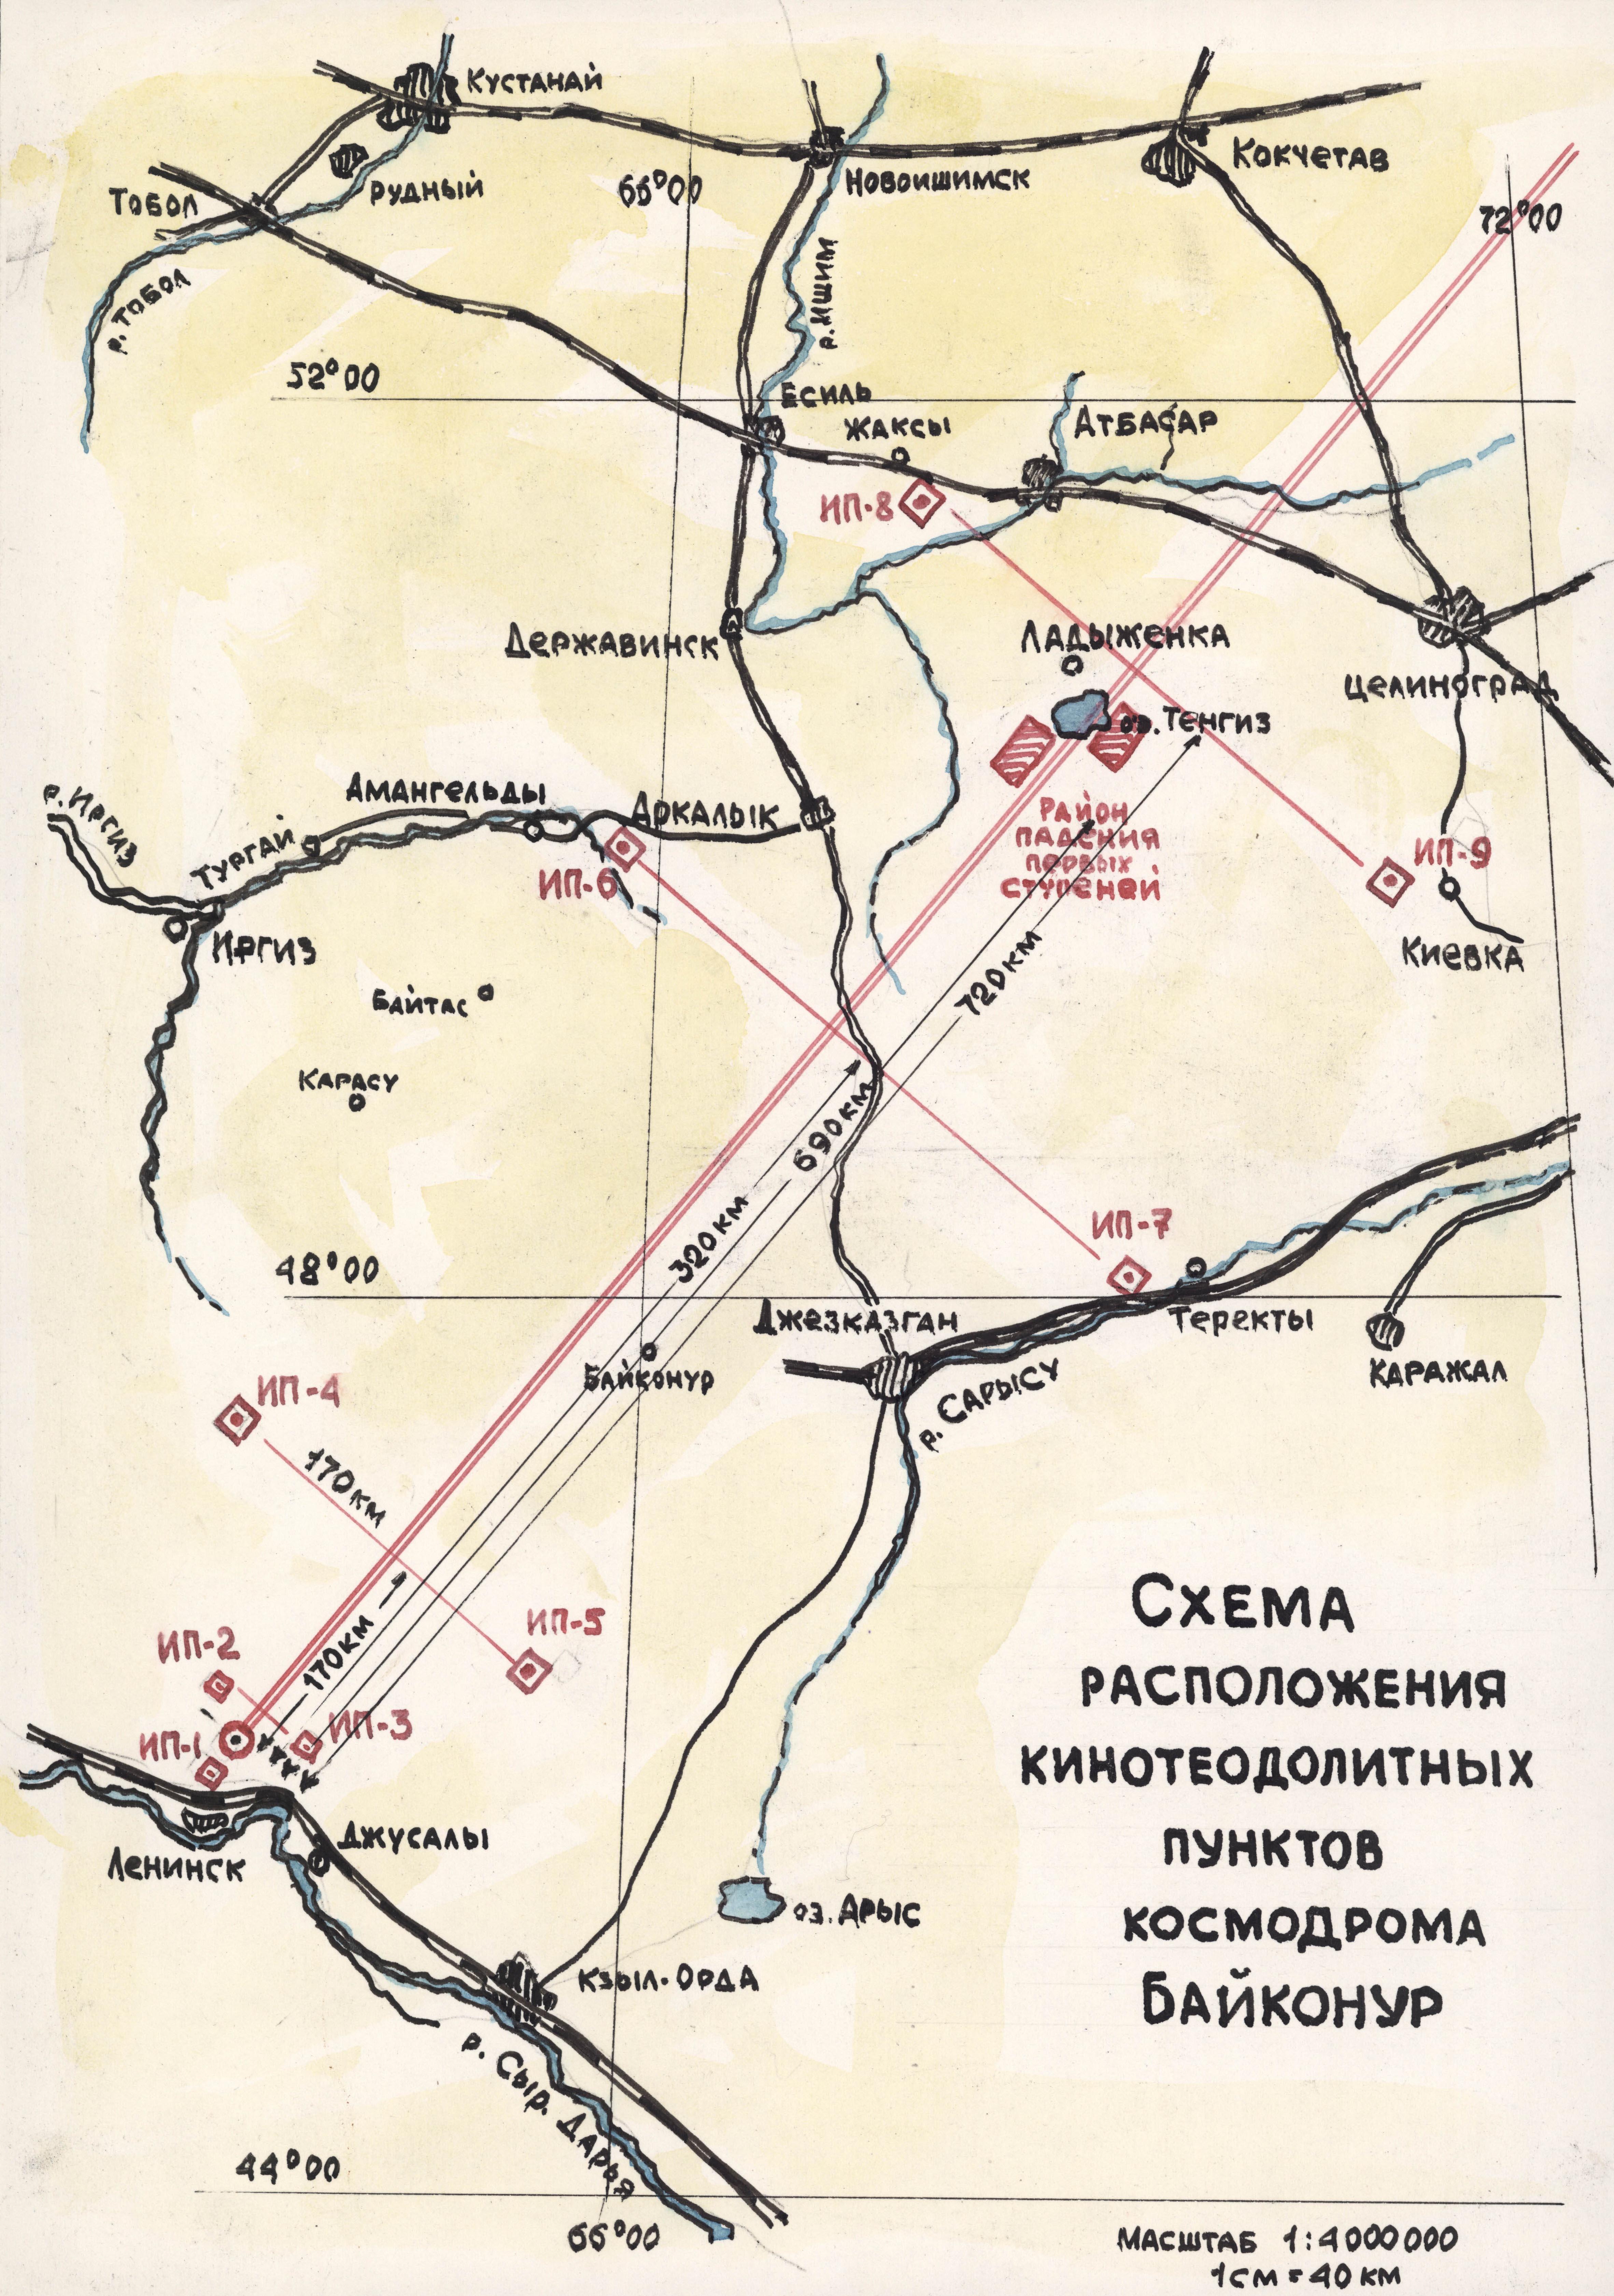 байконур казахстан